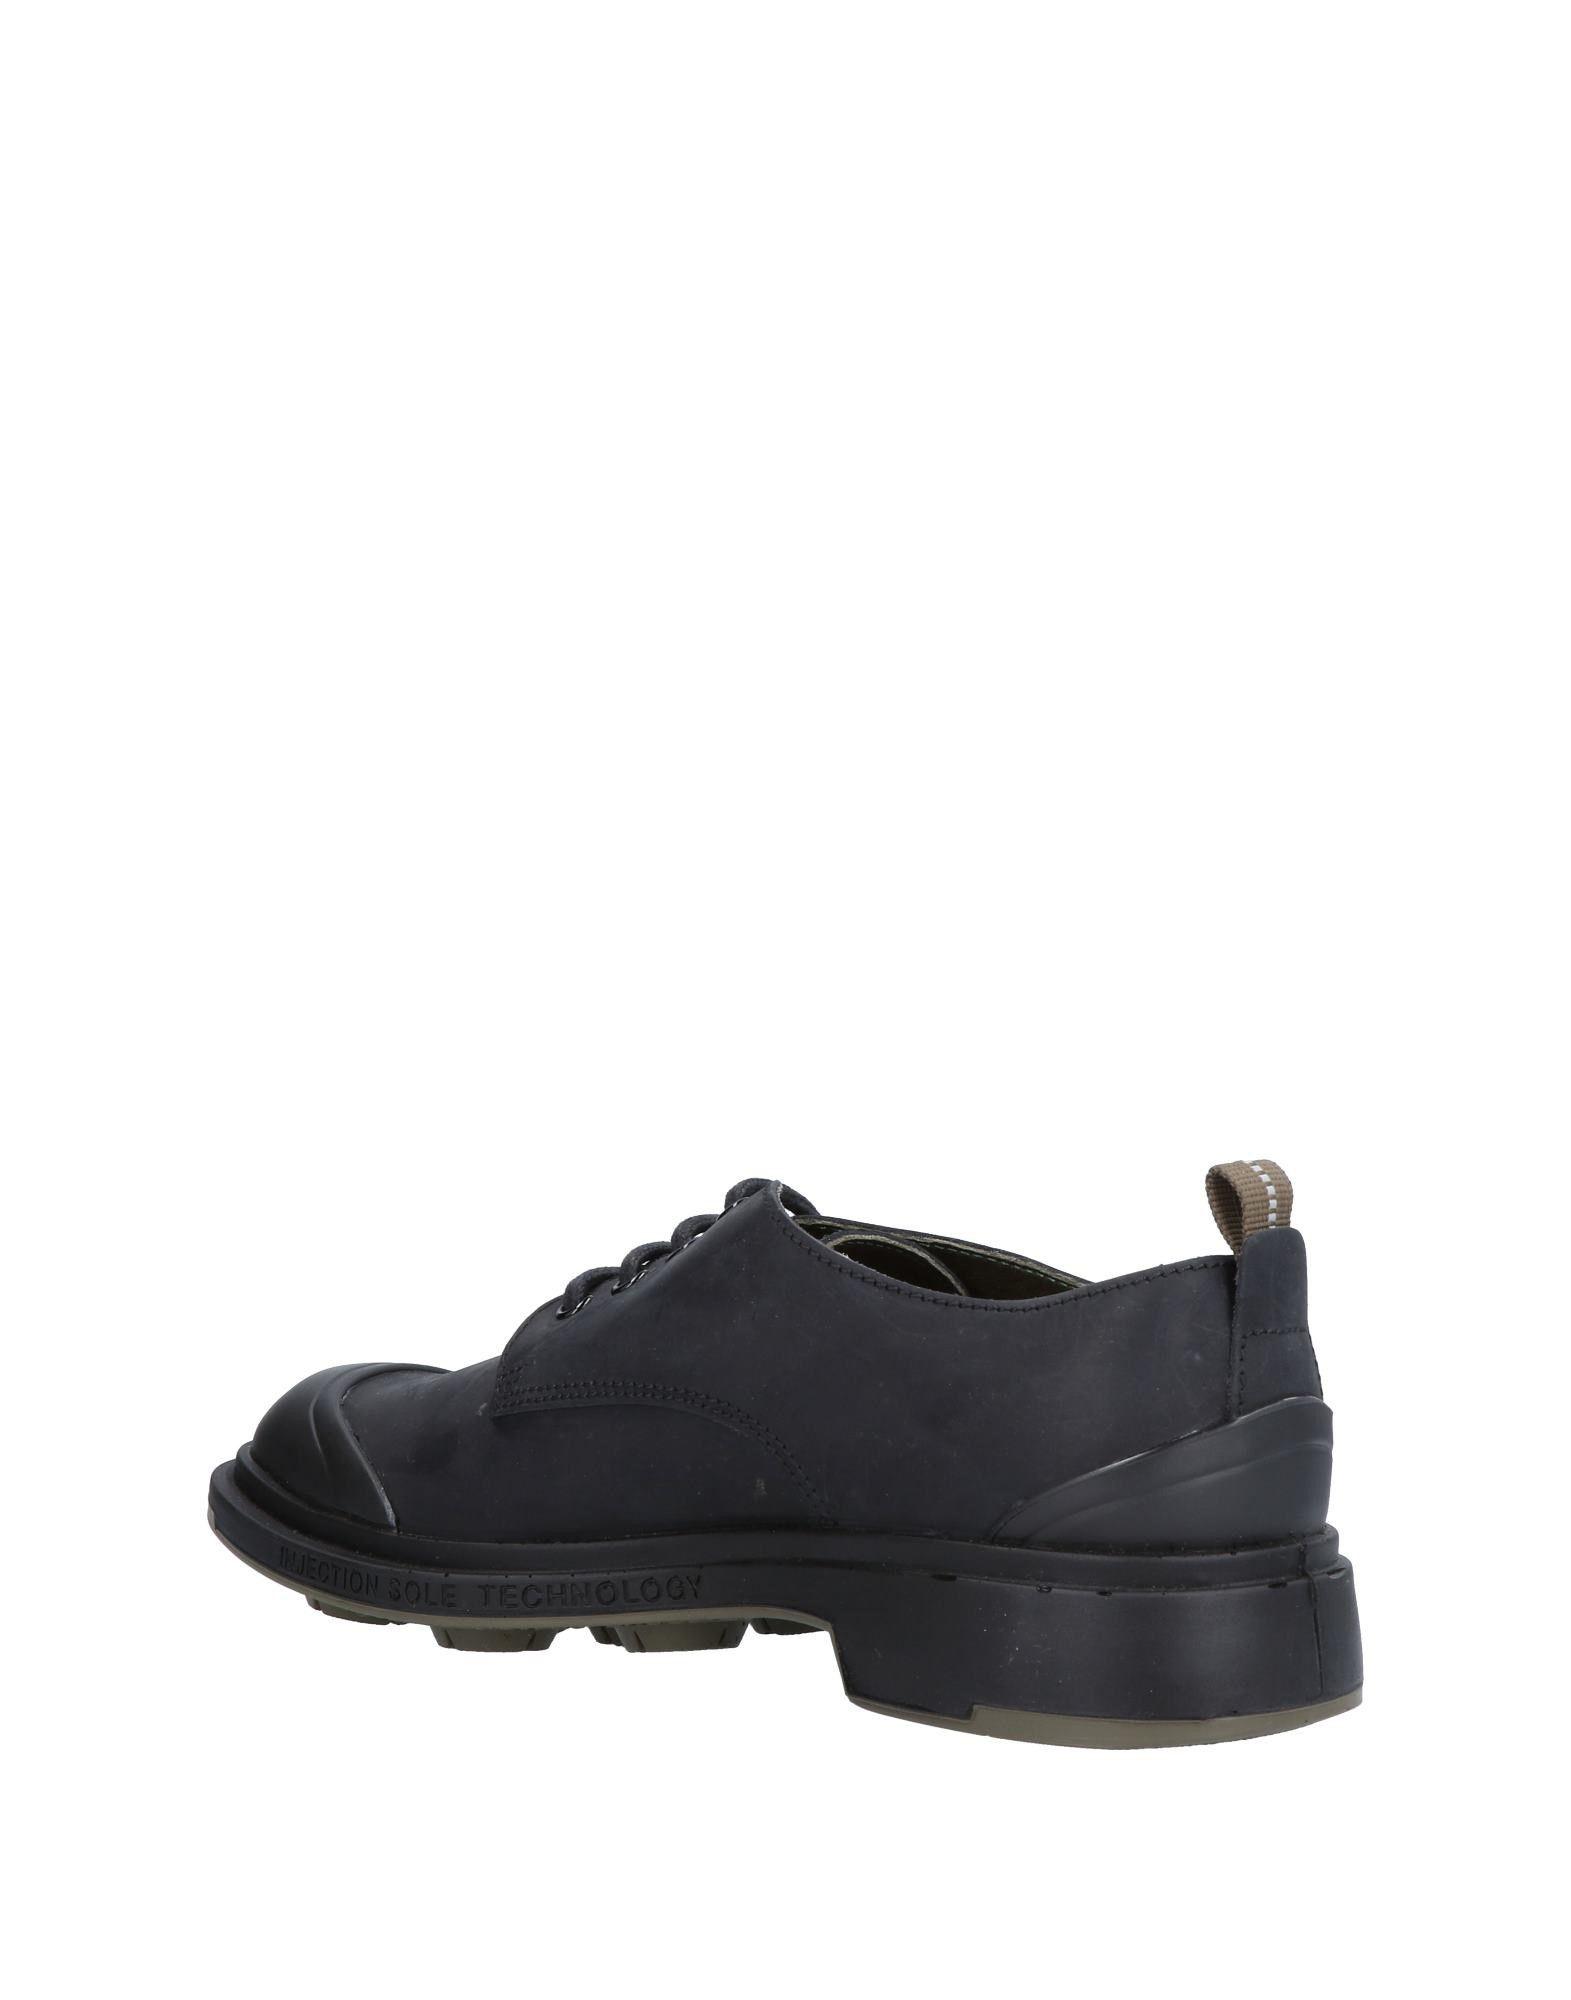 Rabatt echte Schuhe Herren Pezzol  1951 Schnürschuhe Herren Schuhe  11503465ML 051a70